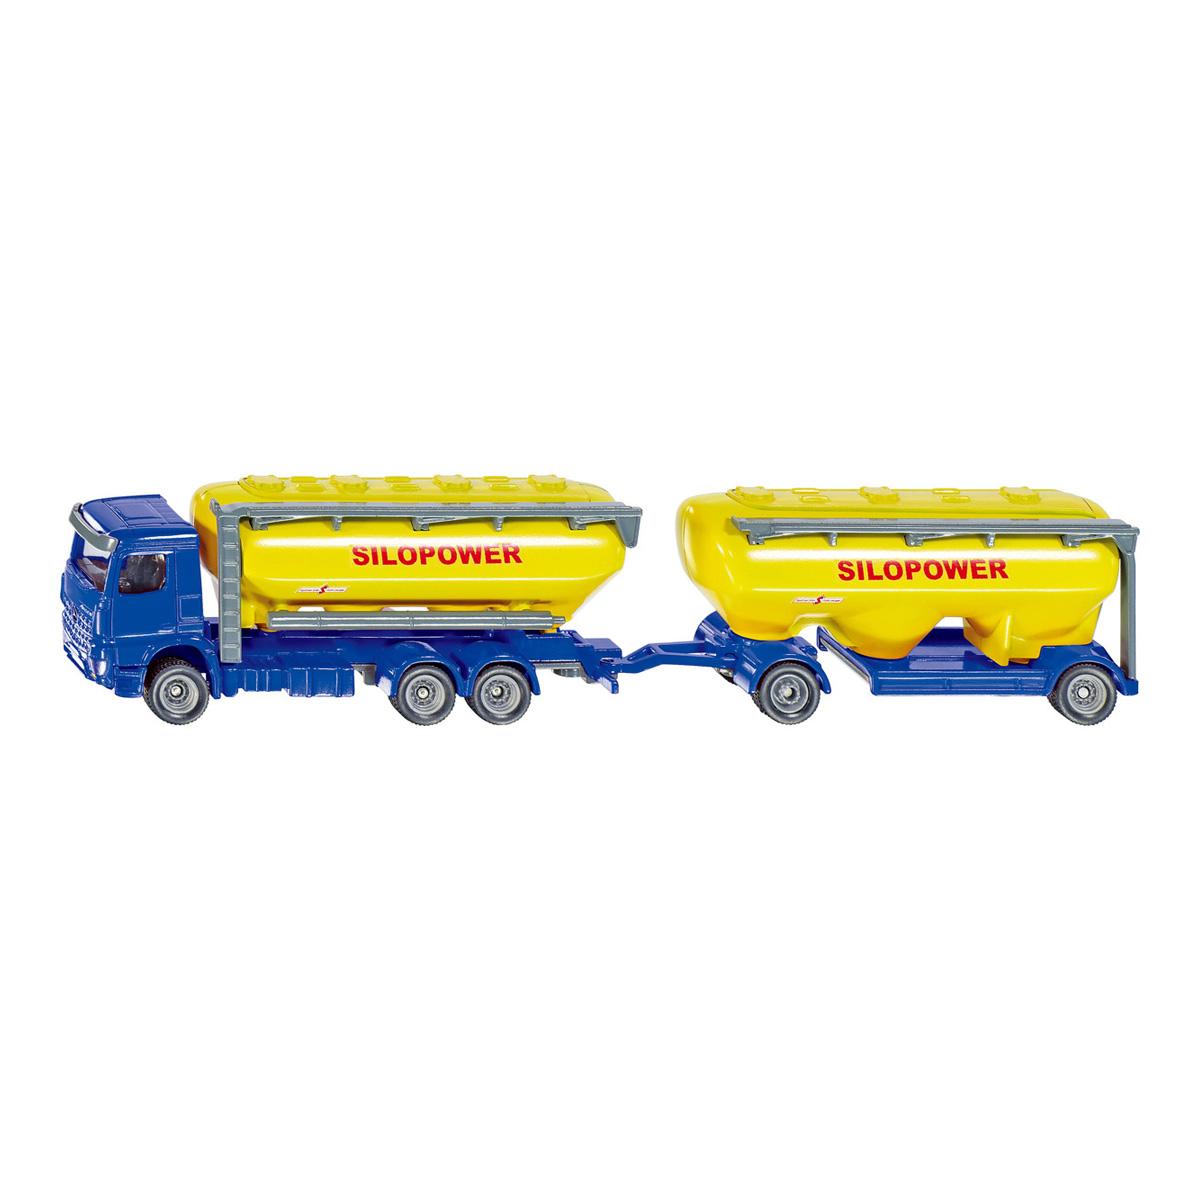 飼料運搬トラック 1:87(ジク・SIKU)